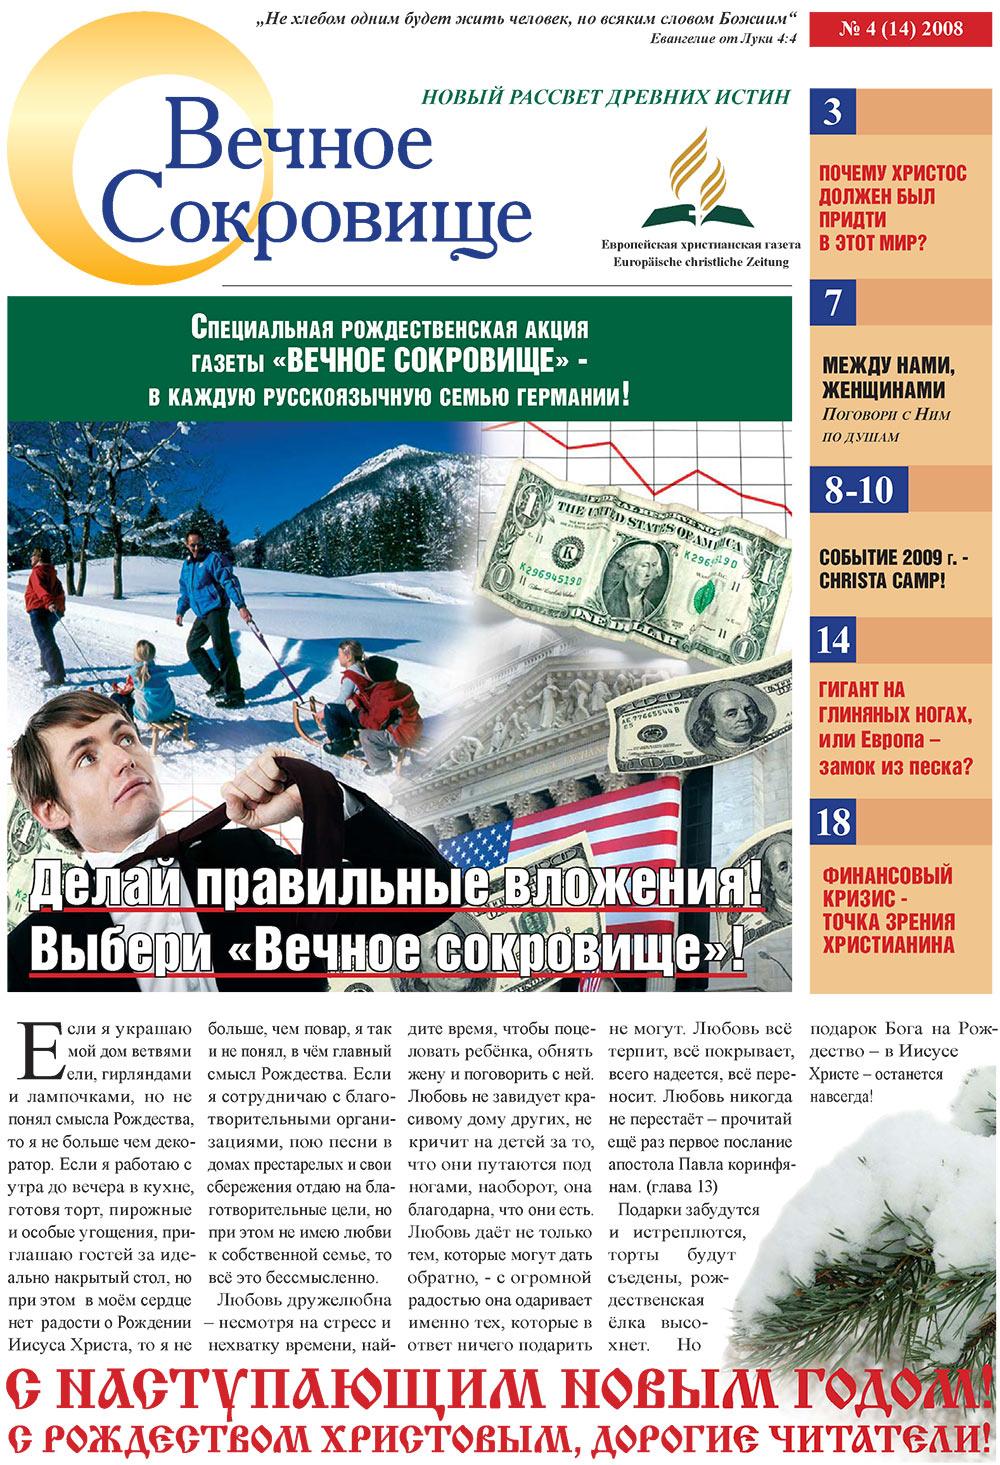 Вечное сокровище (газета). 2008 год, номер 4, стр. 1